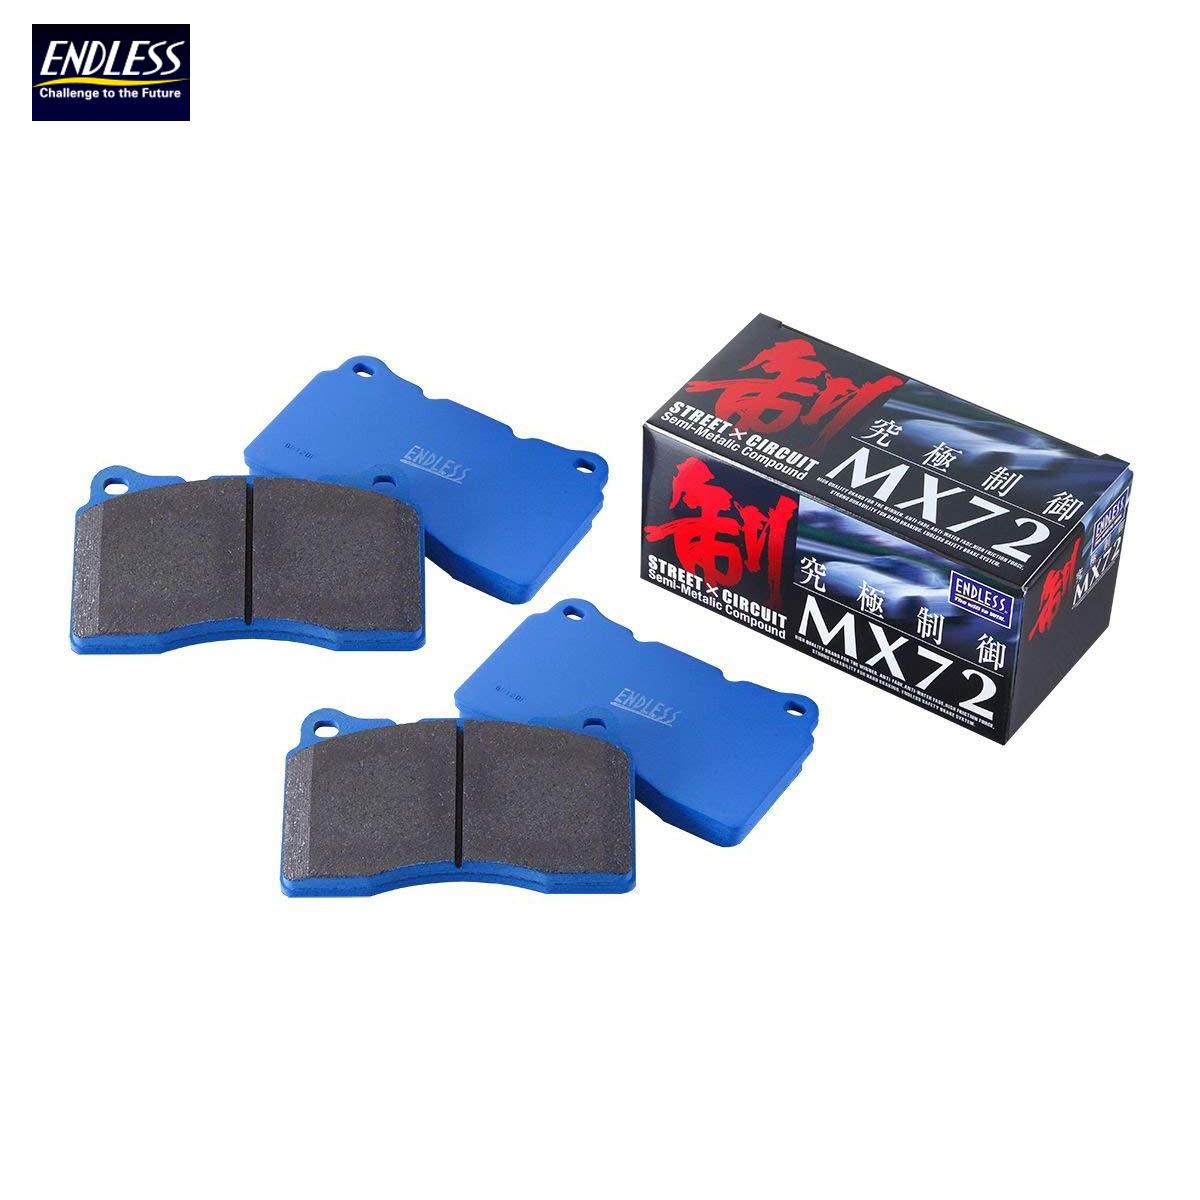 ENDLESS エンドレス ブレーキパッド MX72 リア EP509 ヴォクシー VOXY ZRR80G G X XCパッケージ 4輪ディスク